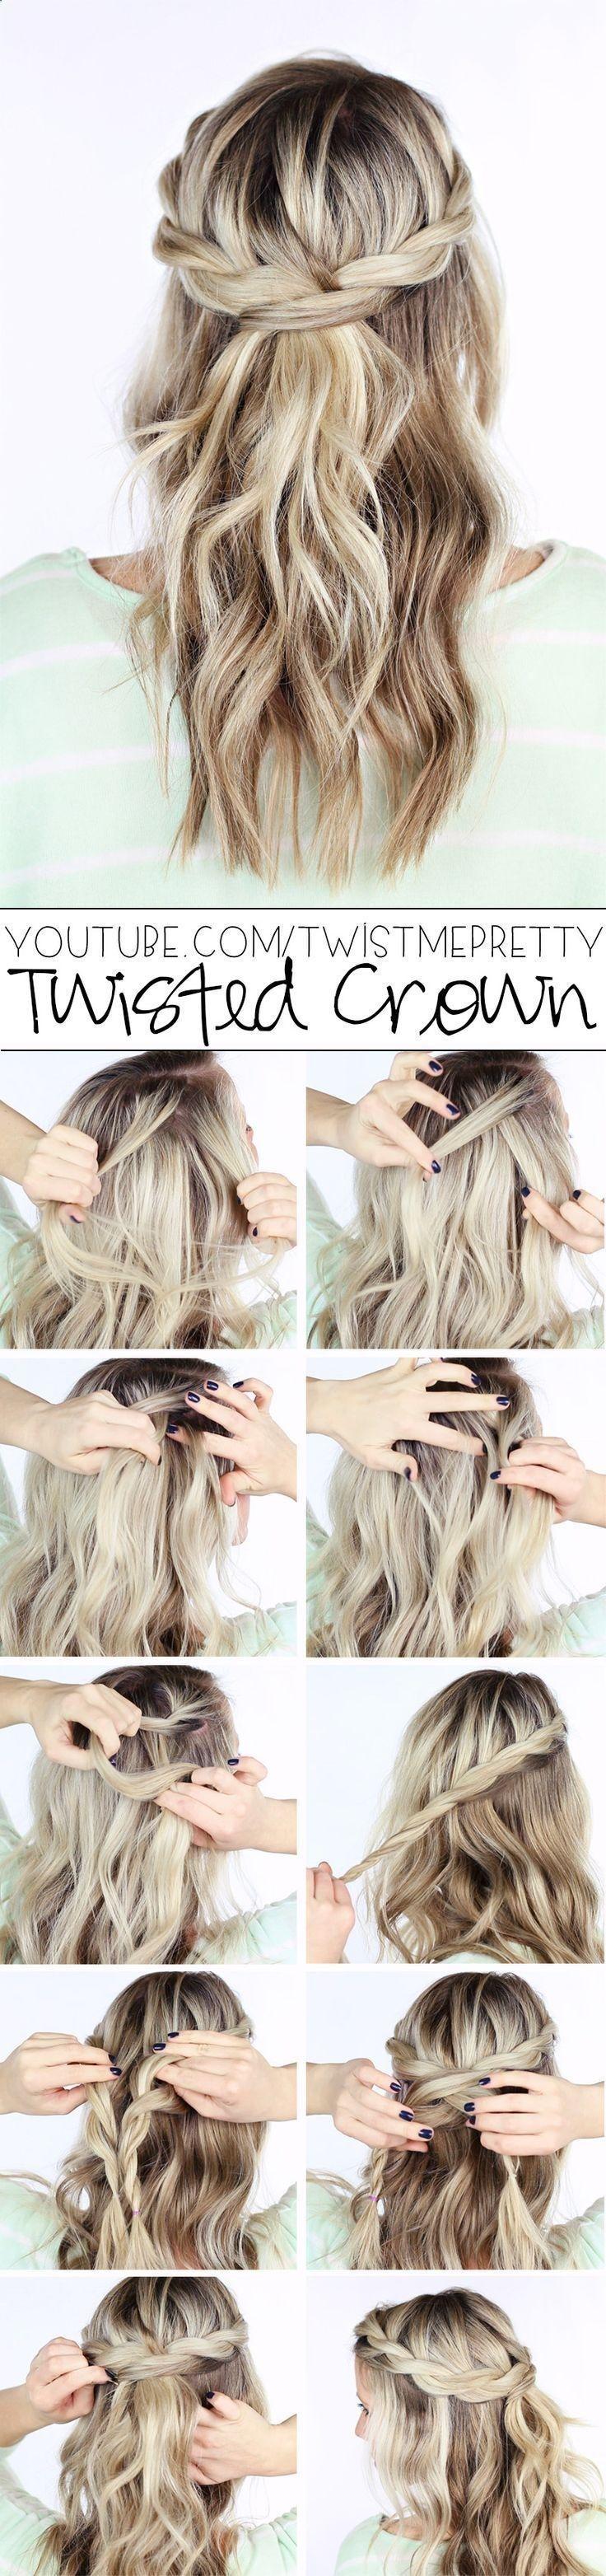 DIY Wedding Hairstyle - Twisted crown braid half up half down hairstyle - Deer Pearl Flowers #CrownBraidBun #diyhairstyleshalfup